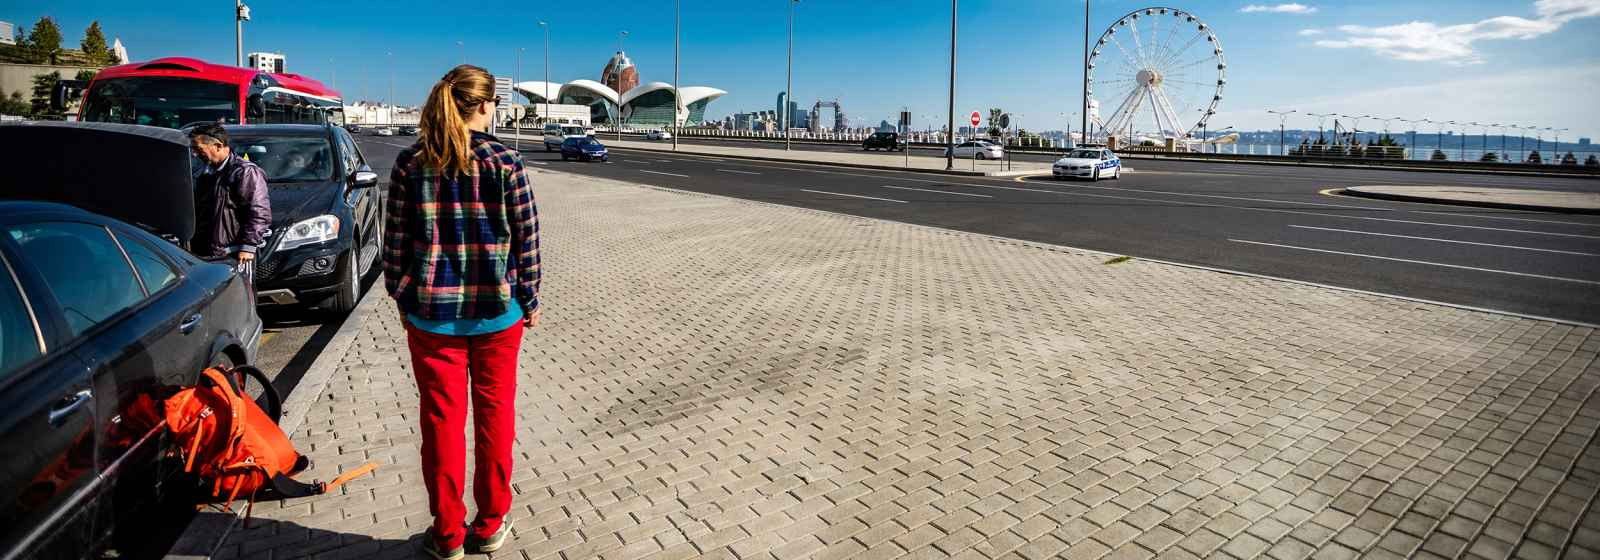 Imagefoto mit dem SAN FRANCISCO GTX LO Ws, Ulligunde Aserbaidschan 2019